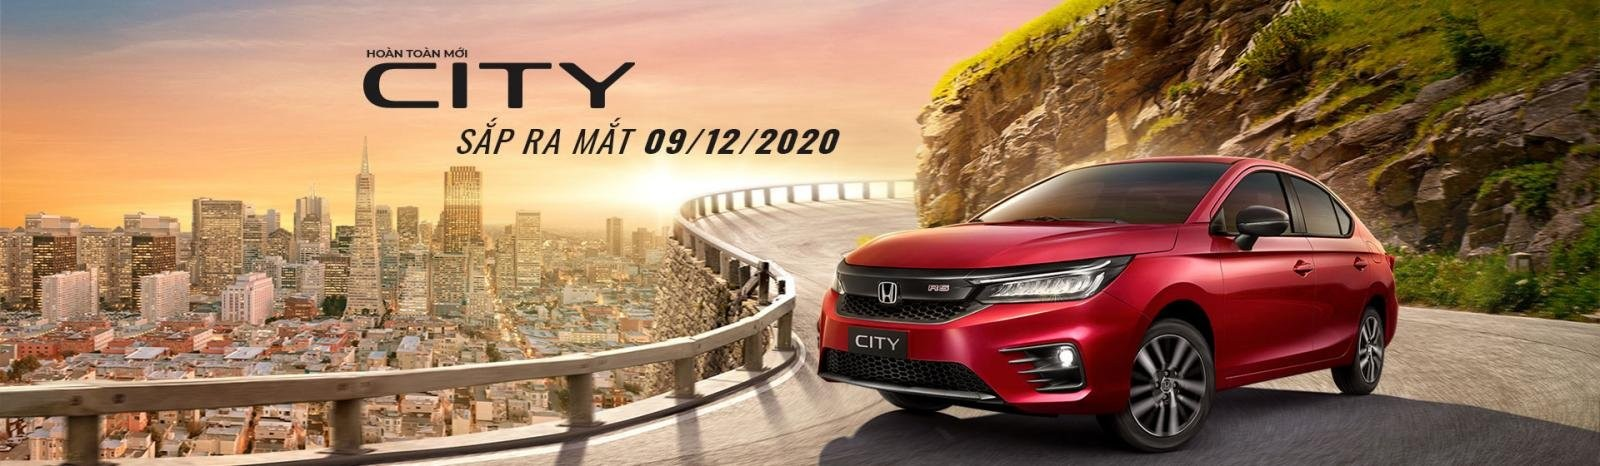 Honda City thế hệ mới ra mắt cuối năm 2020, phân khúc B làm mới